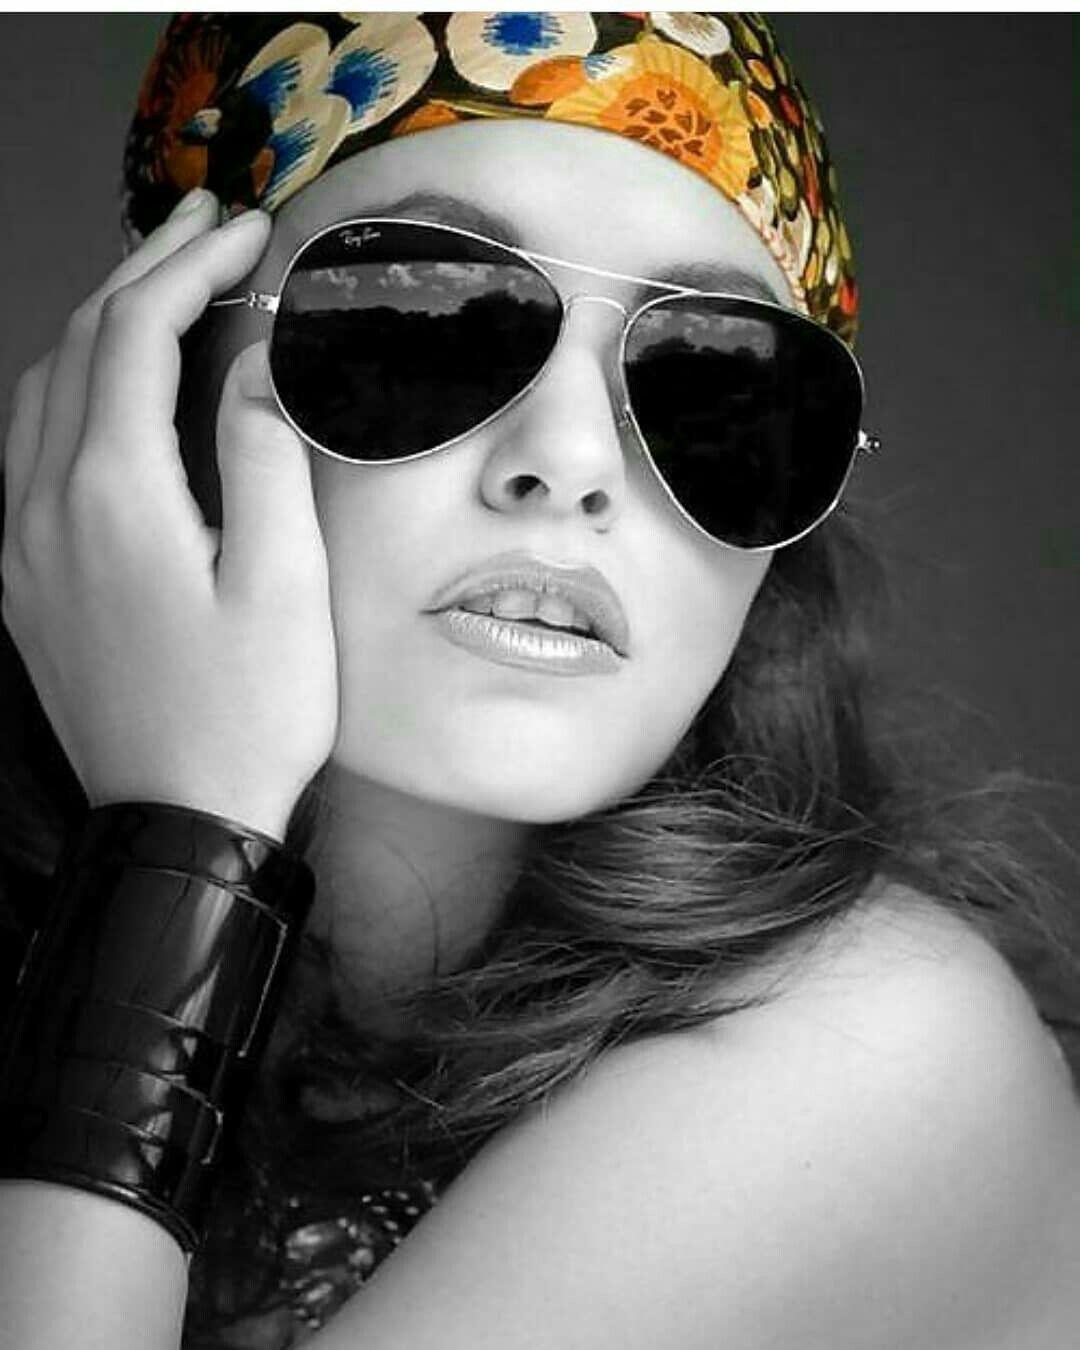 54b9dfa61c04c Usando Óculos, Bijuterias, Mulheres, Óculos De Sol Gucci, Óculos De Sol  Esportivos